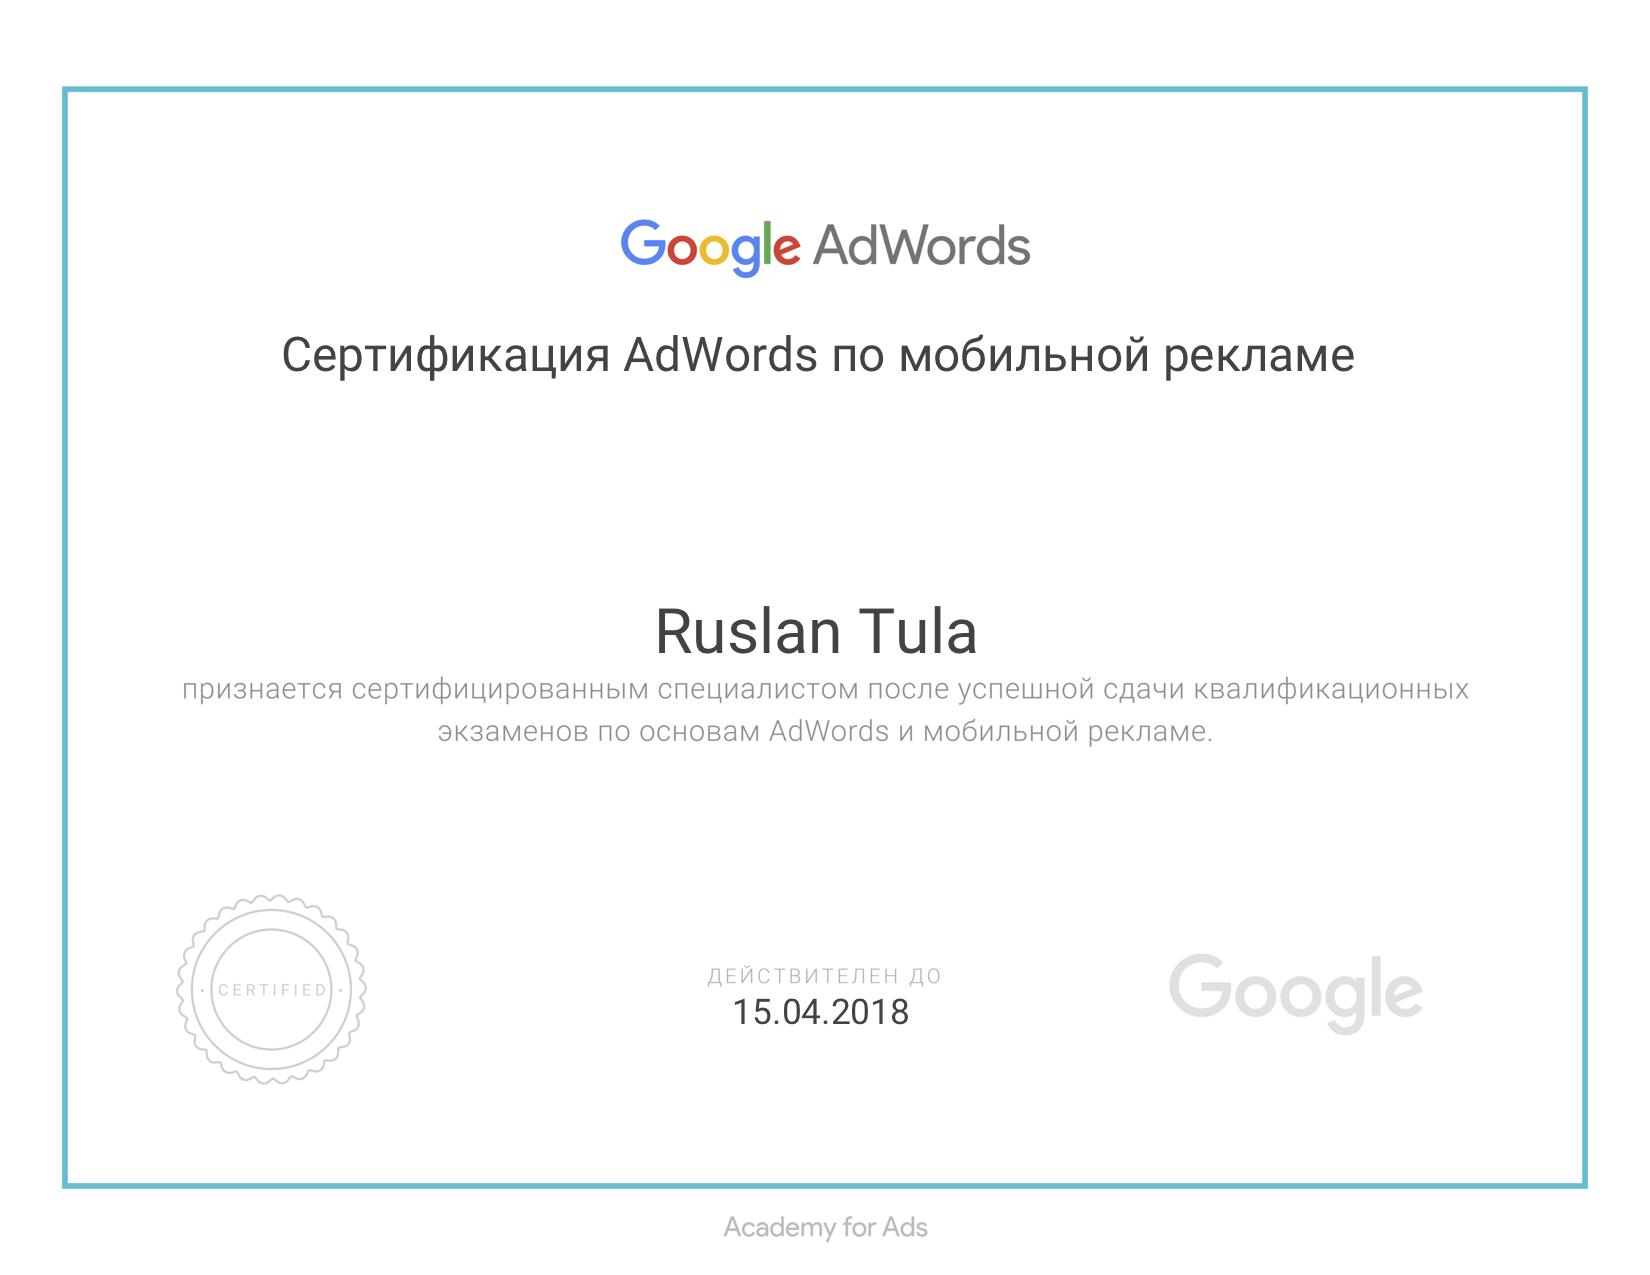 Сертификация Google Adwords по Мобильной рекламе